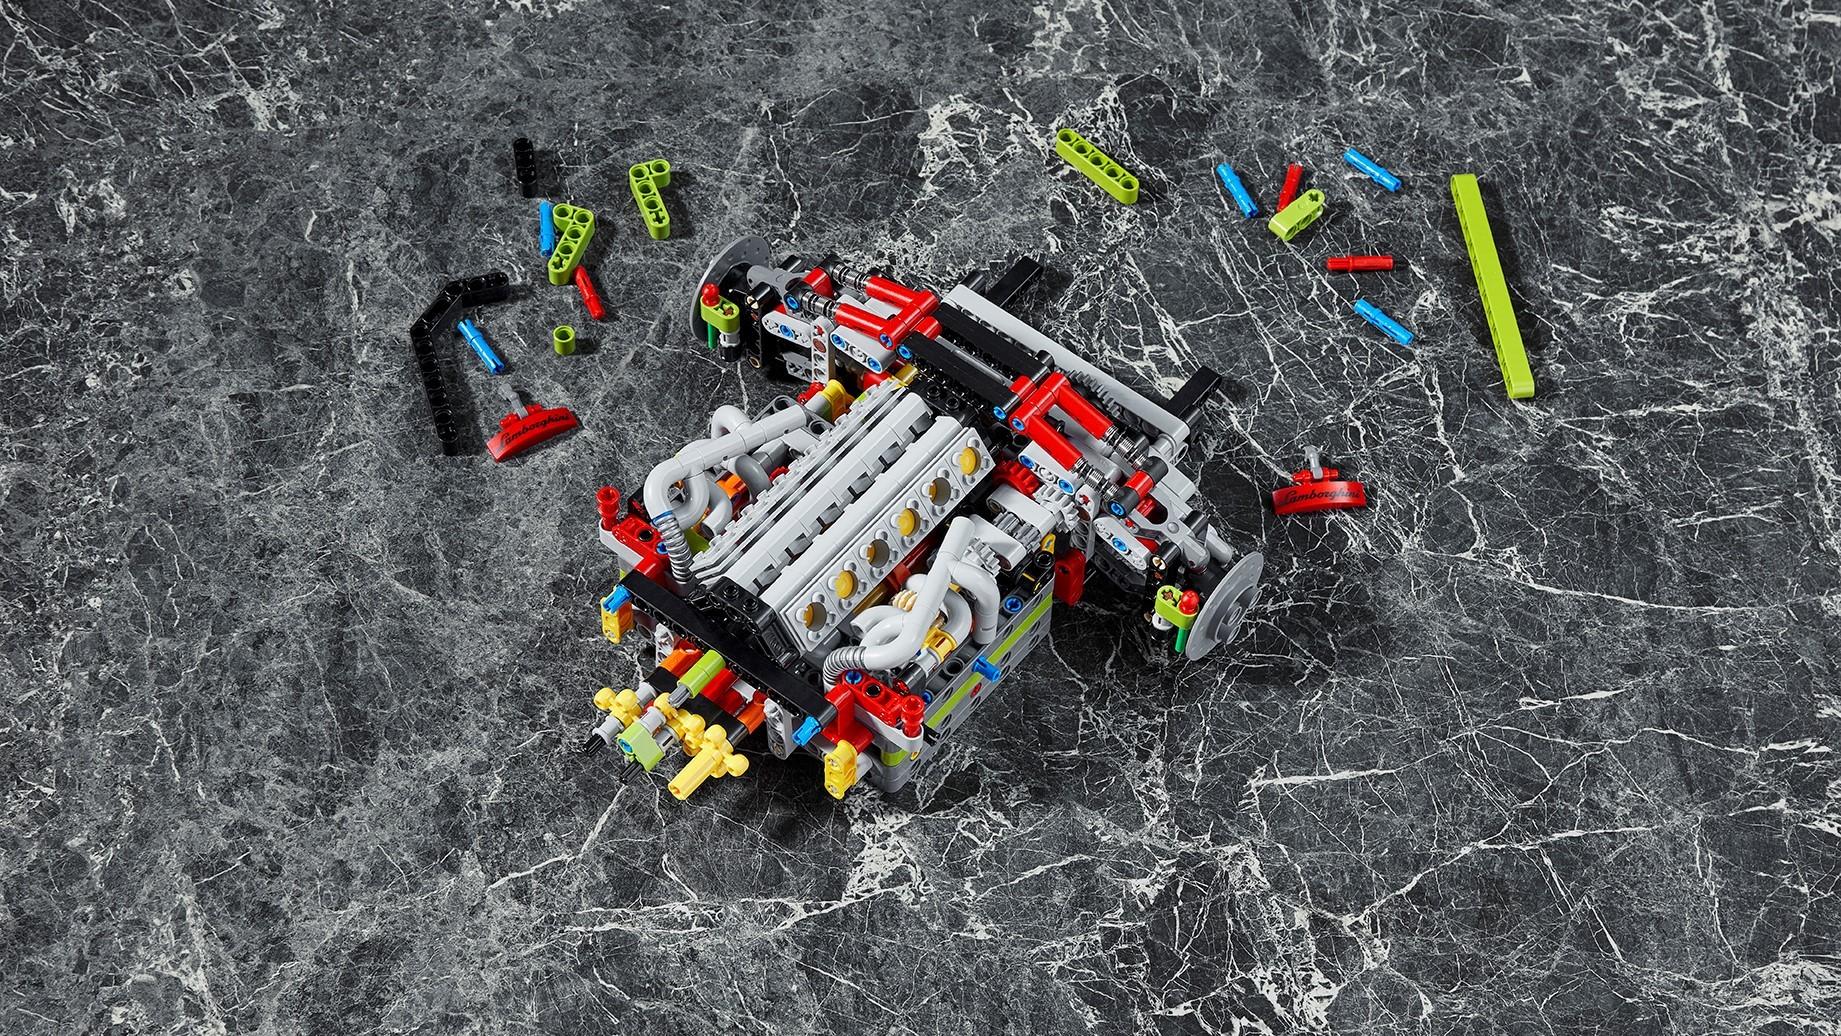 Automobili Lamborghini and the LEGO Group recreate the Lamborghini Sián FKP 37: the most powerful Lamborghini produced, in LEGO® Technic™ - Image 2